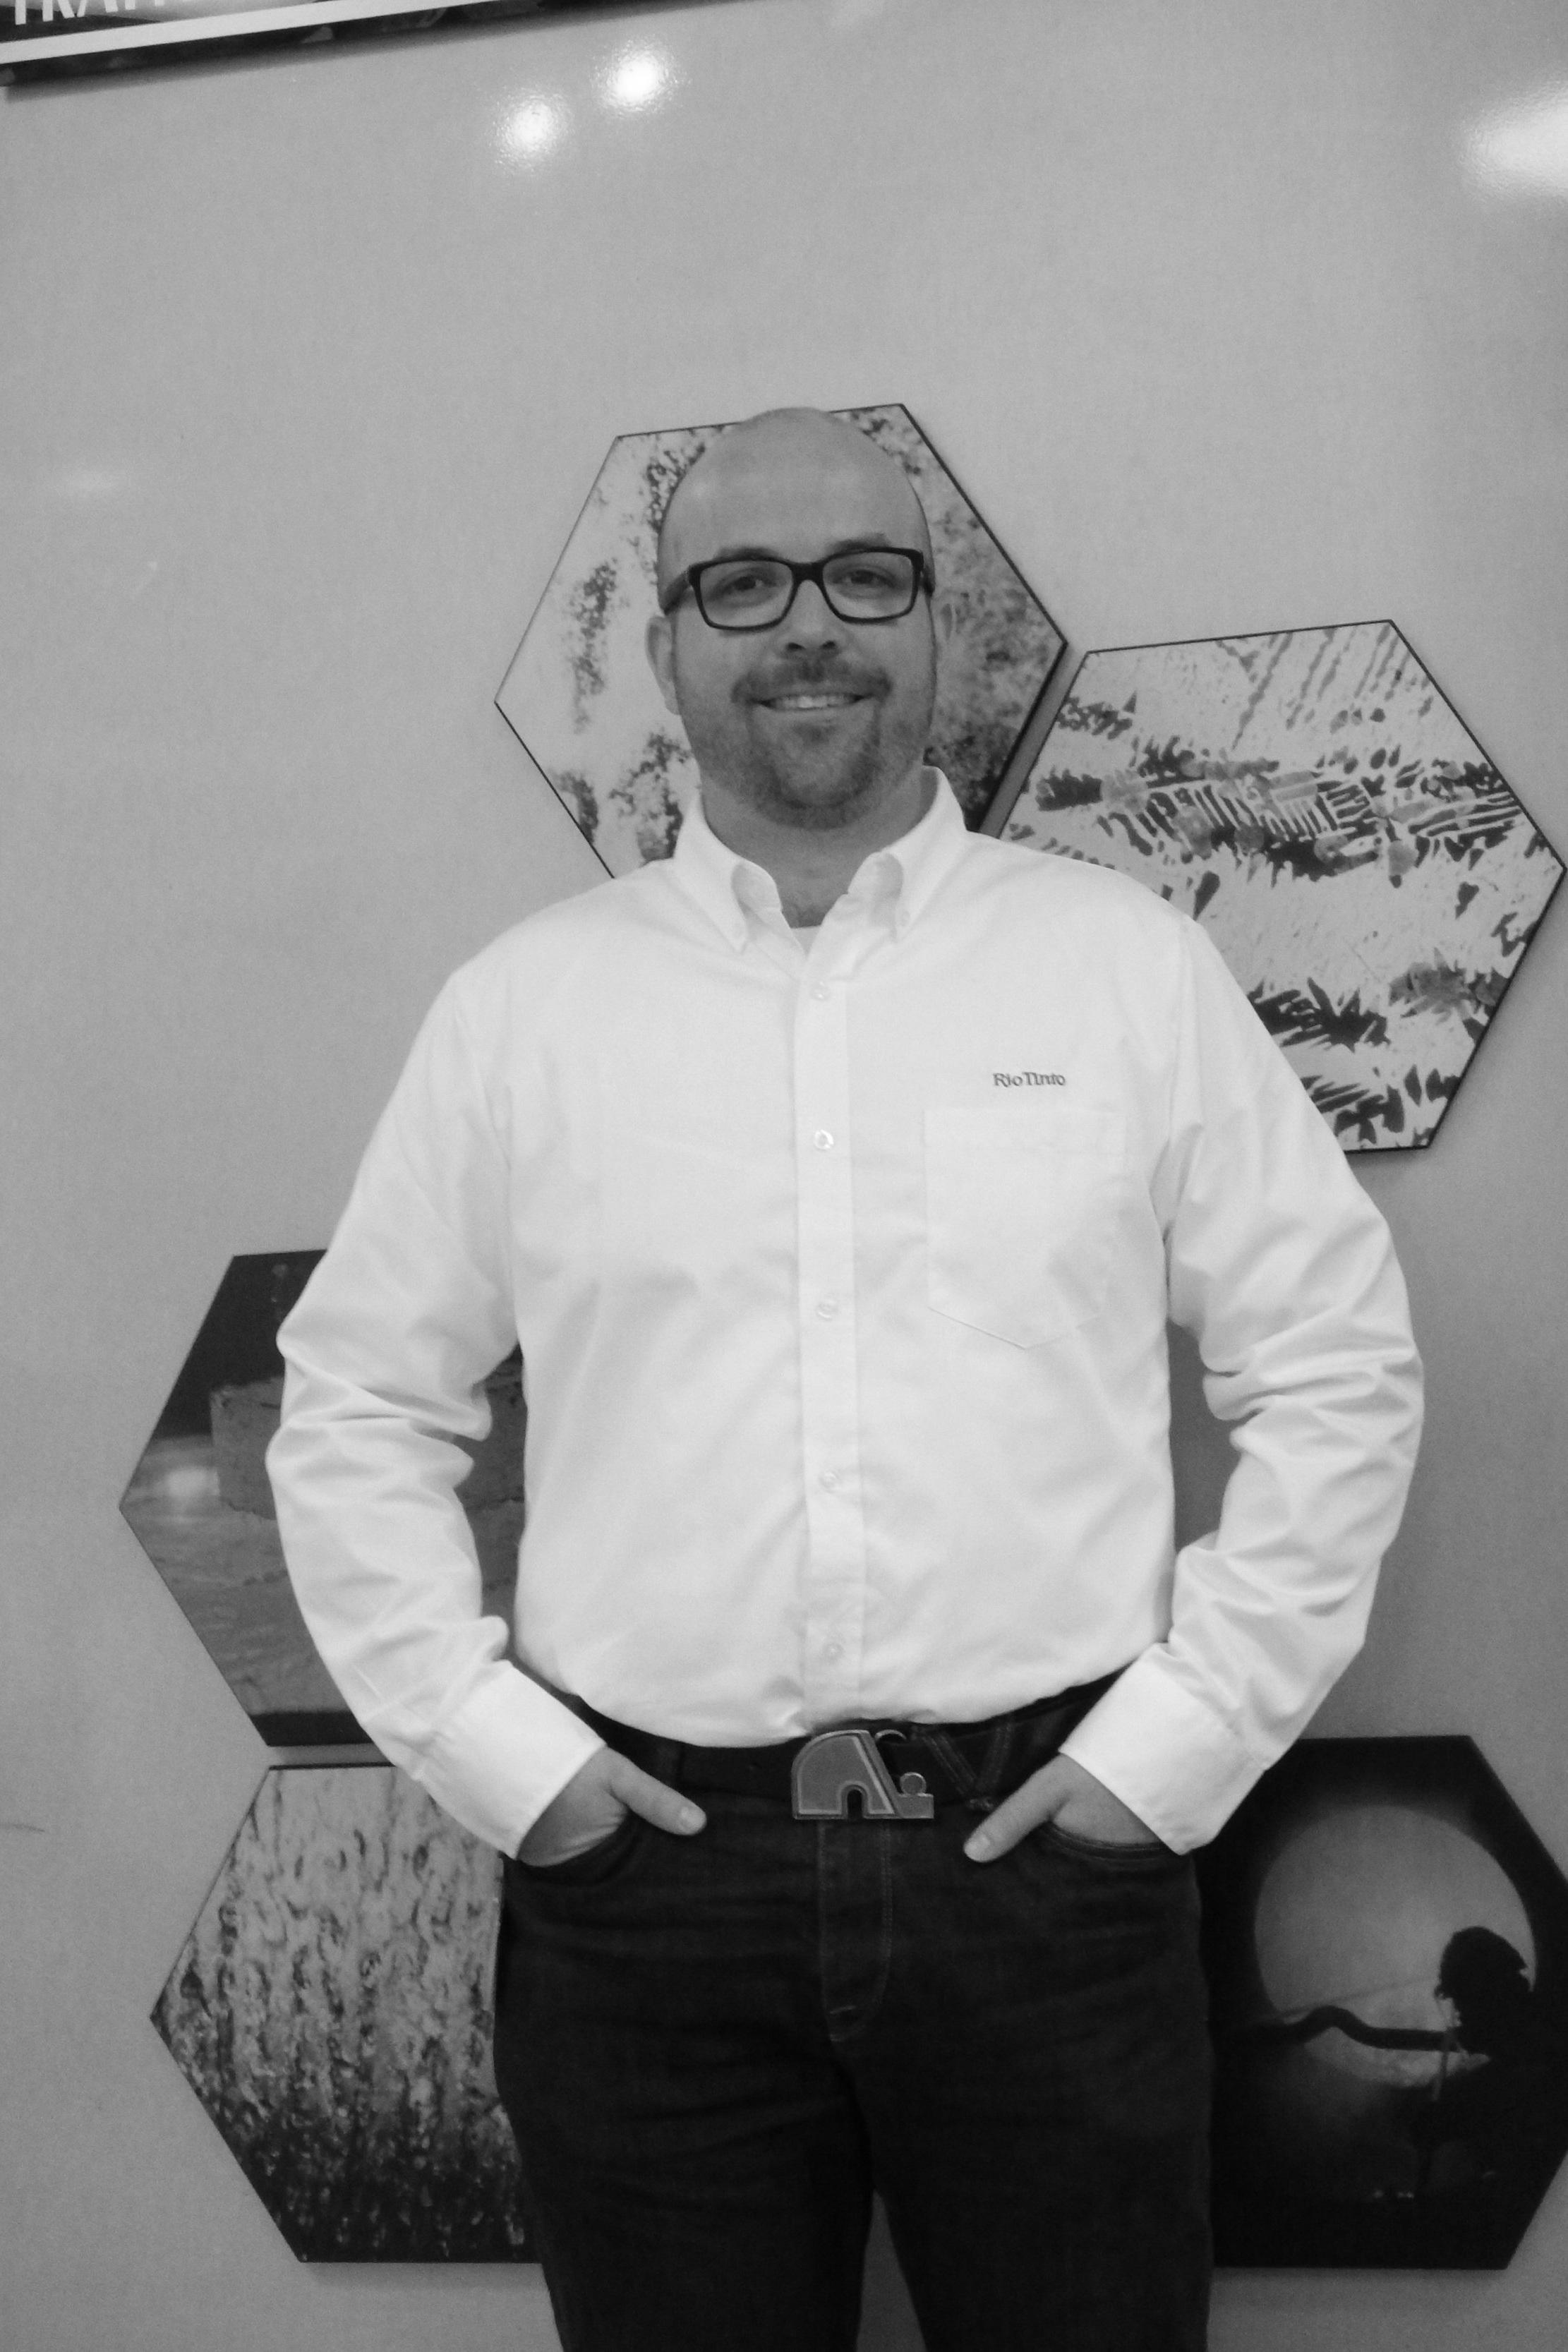 Francis Breton Ing. - Conseiller principal – Coulée, Centre de recherche et de développement Arvida, Rio TintoDiplômé du baccalauréat en métallurgie de l'université Laval en 2008, M Breton a joint l'usine Beauharnois de Rio Tinto à titre d'ingénieur de procédé spécialisé dans les alliages de fonderie en 2008. M Breton s'est ensuite spécialisé à partir de 2011 au CRDA en traitement de métal liquide (dégazage, filtration, propreté inclusionnaire) puis en produit de fonderie. Il effectue présentement le développement d'alliages ainsi que le support technique aux clients de Rio Tinto. La conférence portera sur un nouvel alliage de fonderie développé au CRDA. Ce nouvel alliage améliore les propriétés mécaniques vs le A356 et le 357. Un exemple industriel sera présenté où le poids d'une roue automobile fut réduit de 7% tout en respectant tous les critères de performance et de sécurité.